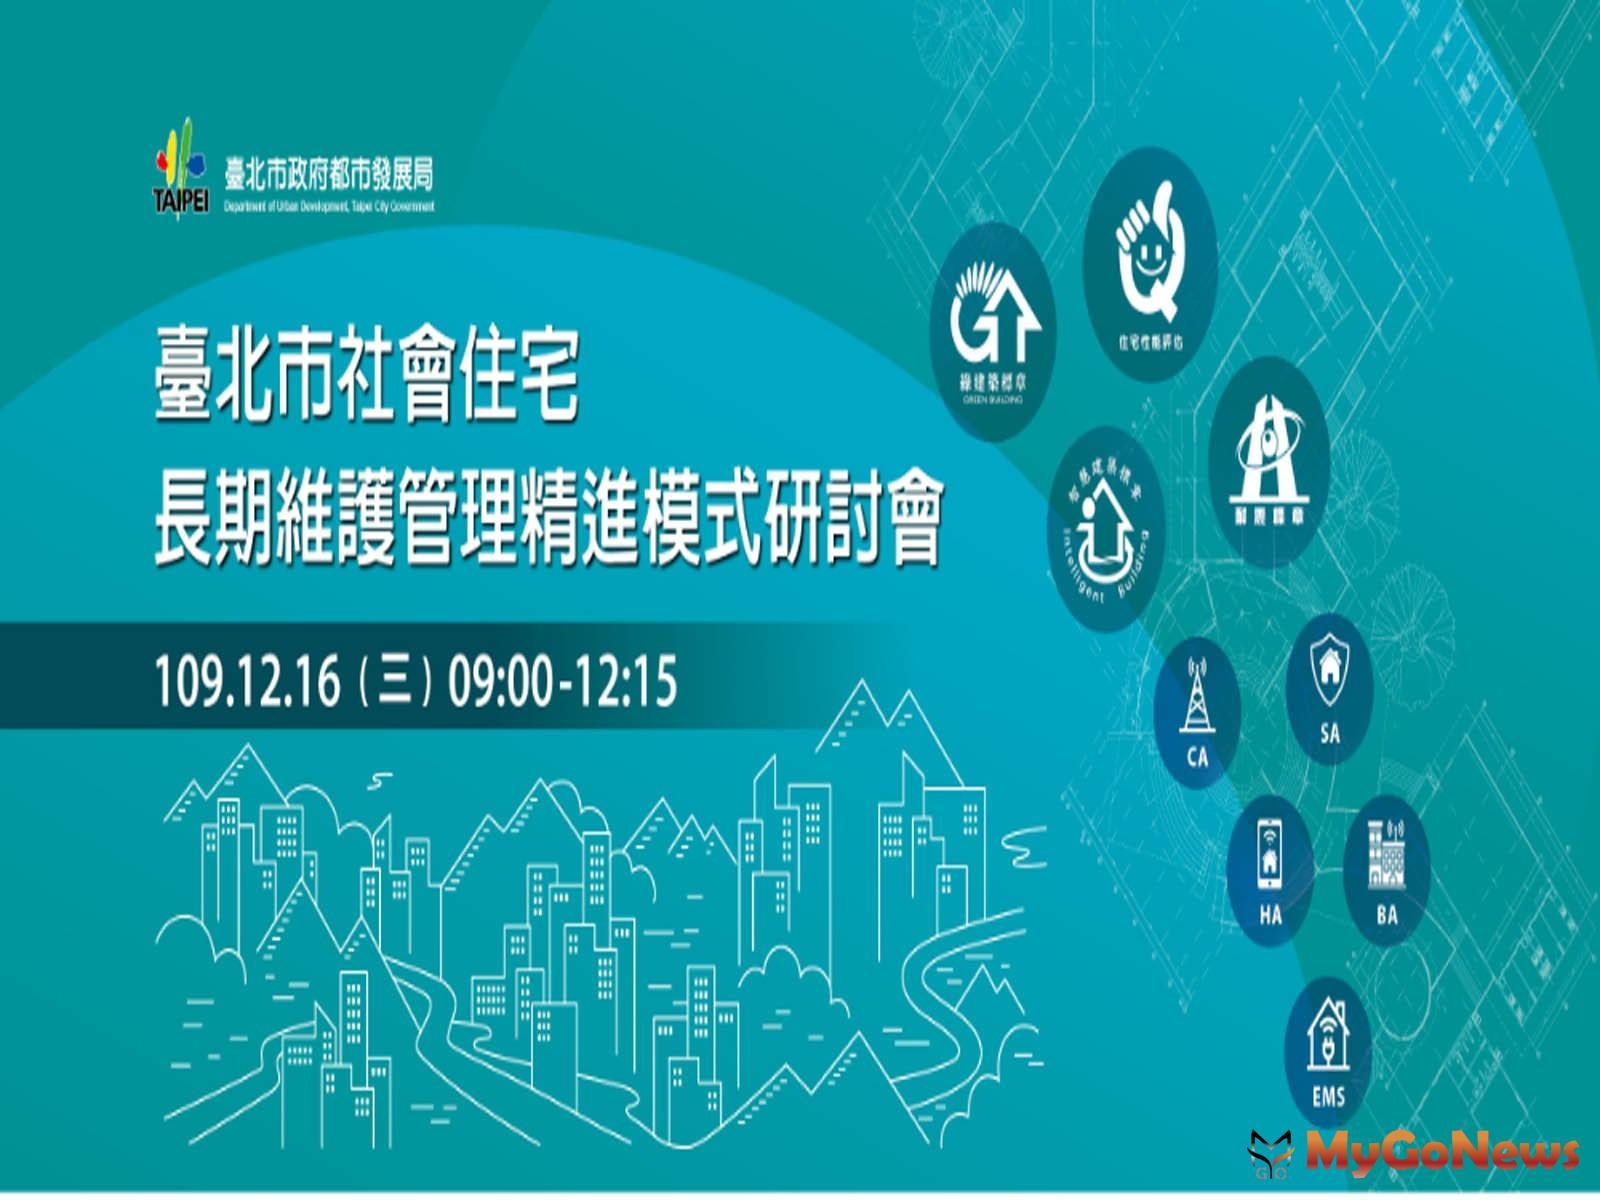 「台北市社會住宅長期維護管理精進模式研討會」-為台北市社會住宅的長期維護管理模式把脈的產官學界交流盛會 MyGoNews房地產新聞 區域情報